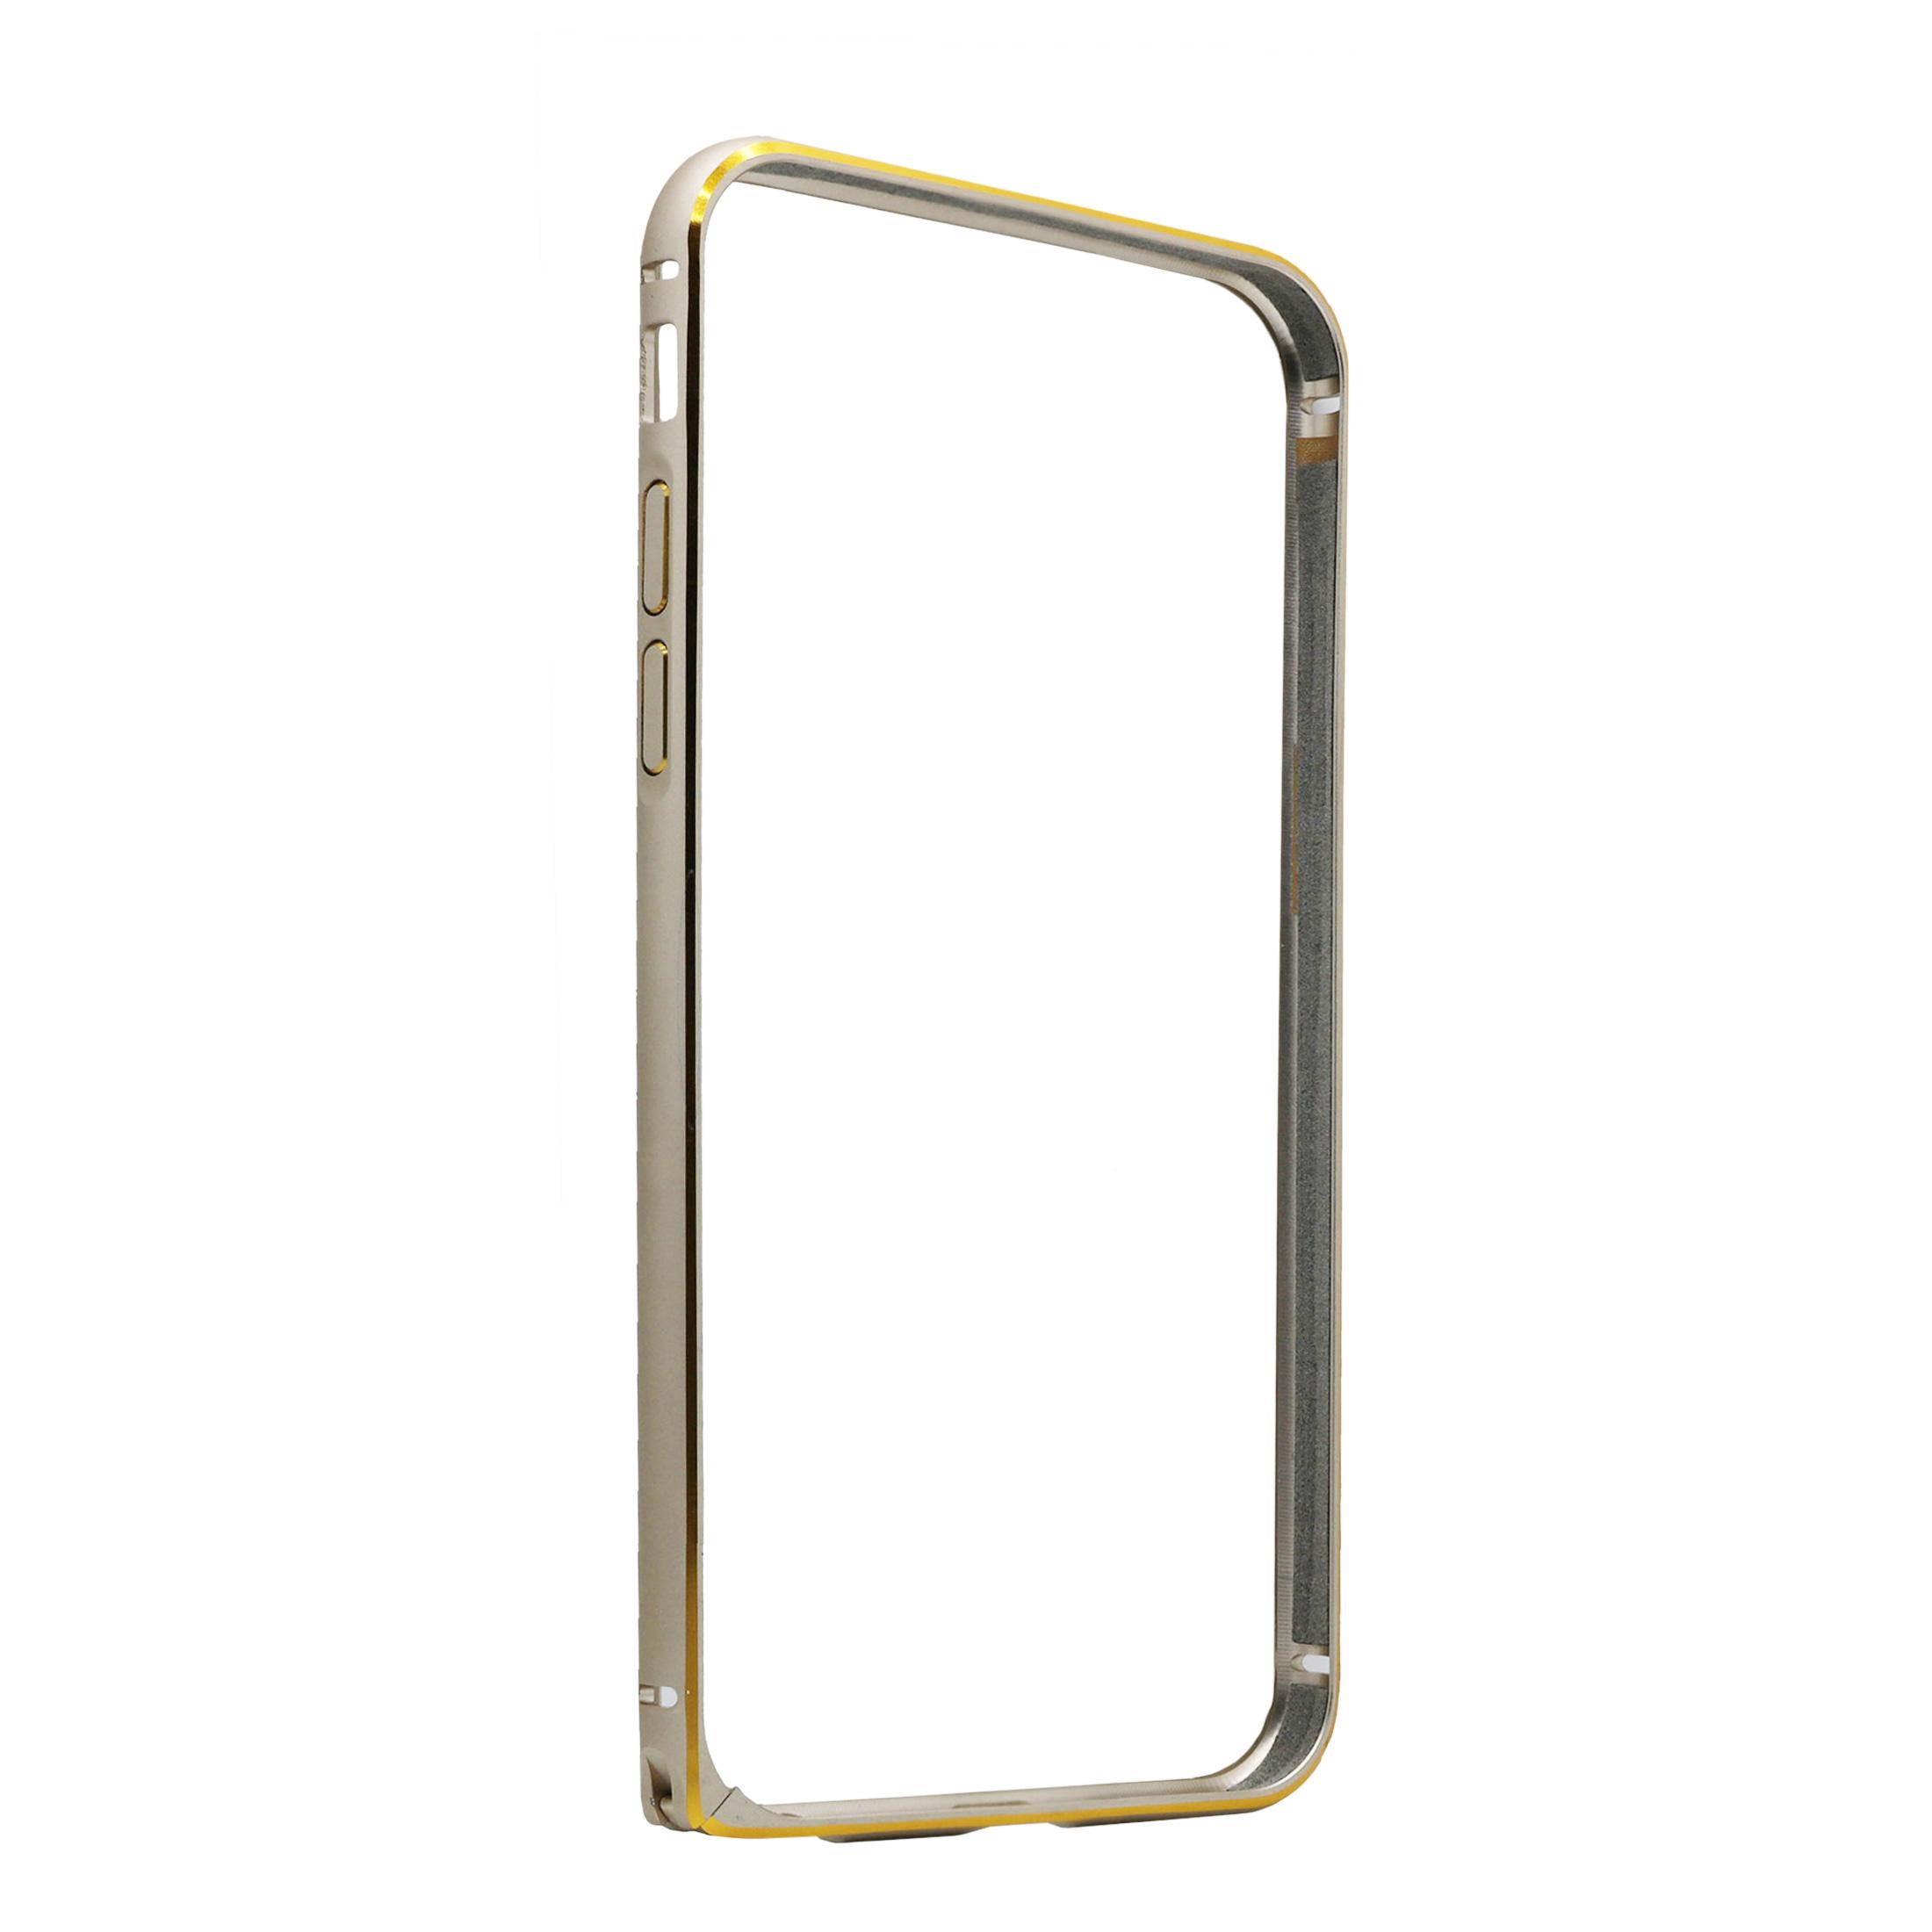 بامپر مدل Se-01 مناسب برای گوشی موبایل اپل Iphone 6 / 6S